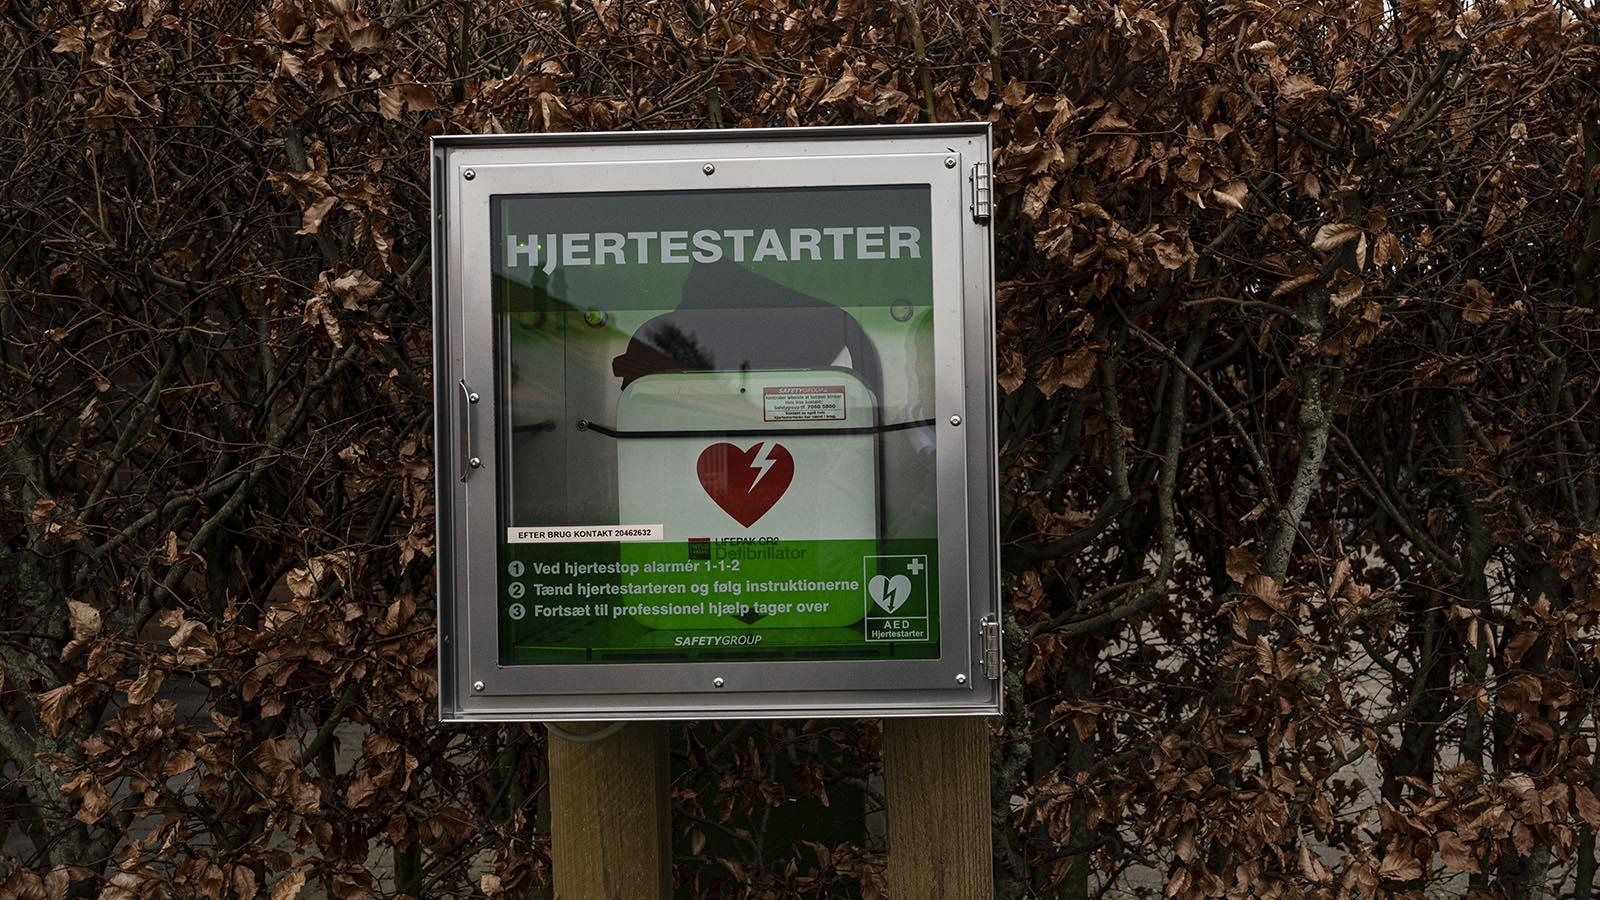 Hjertestarter opsat i Roedbyhoejen.